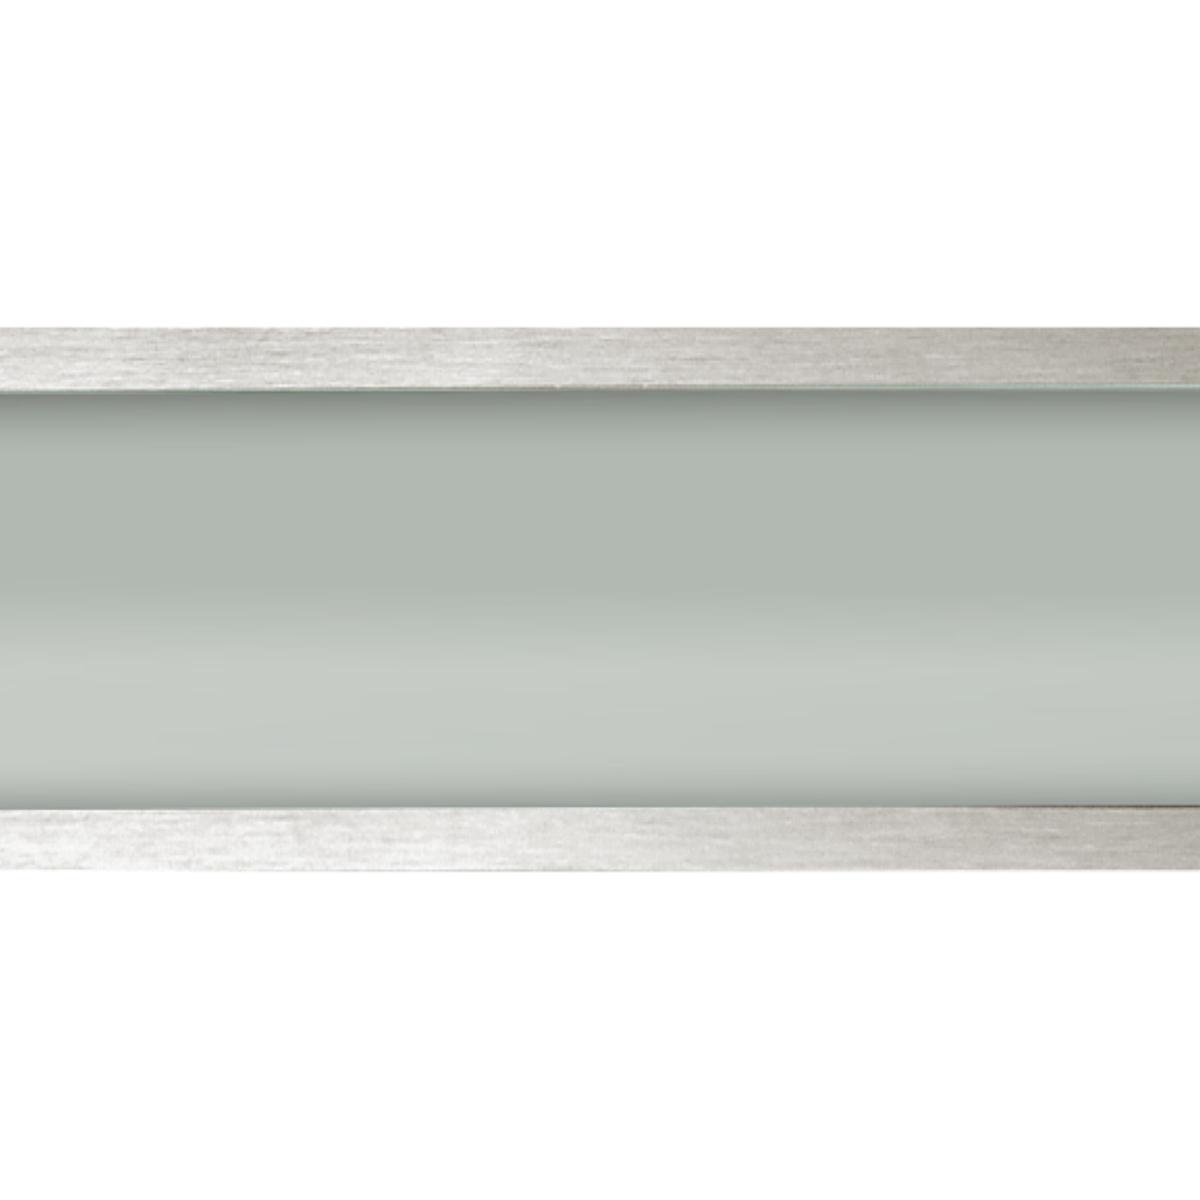 Plafon Space Sobr. Ret. 135cm Alum. Vidro Fosco 2x40w Fluor. Escovado